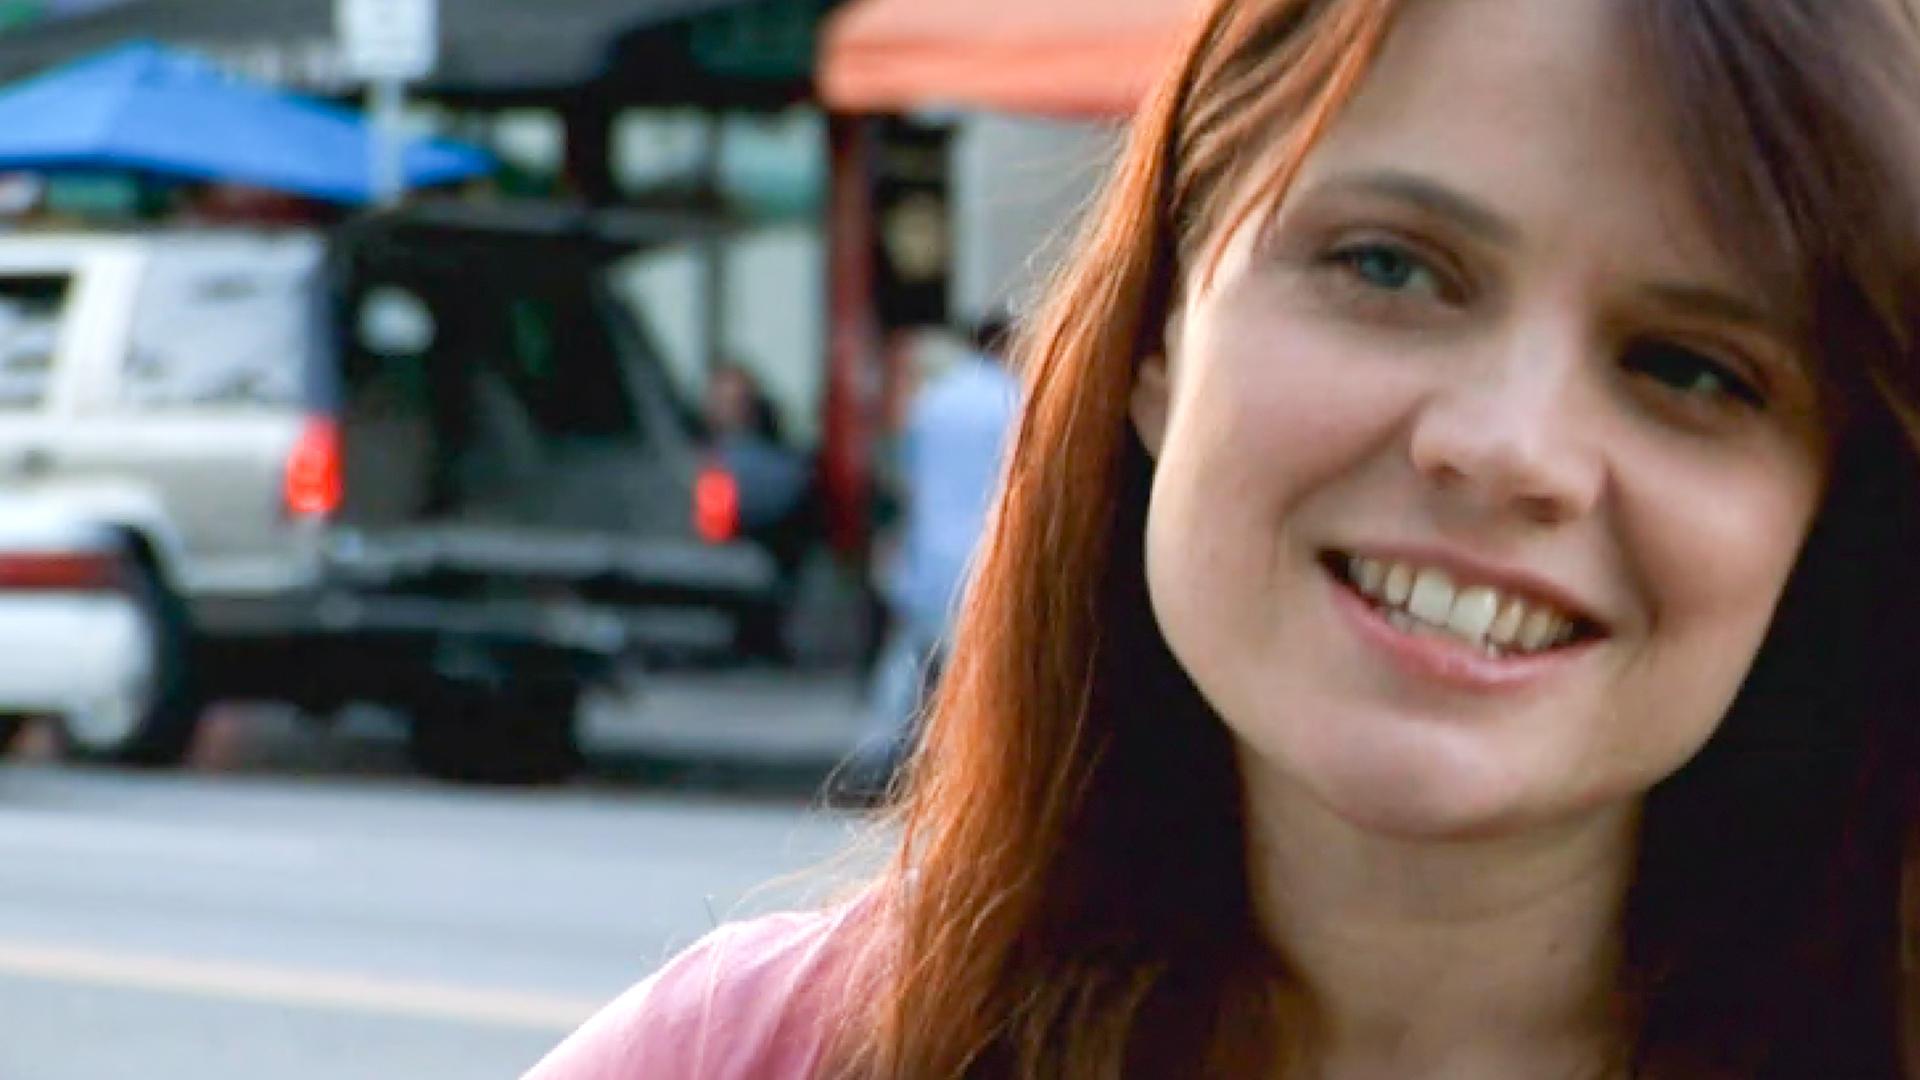 June, filmskaper